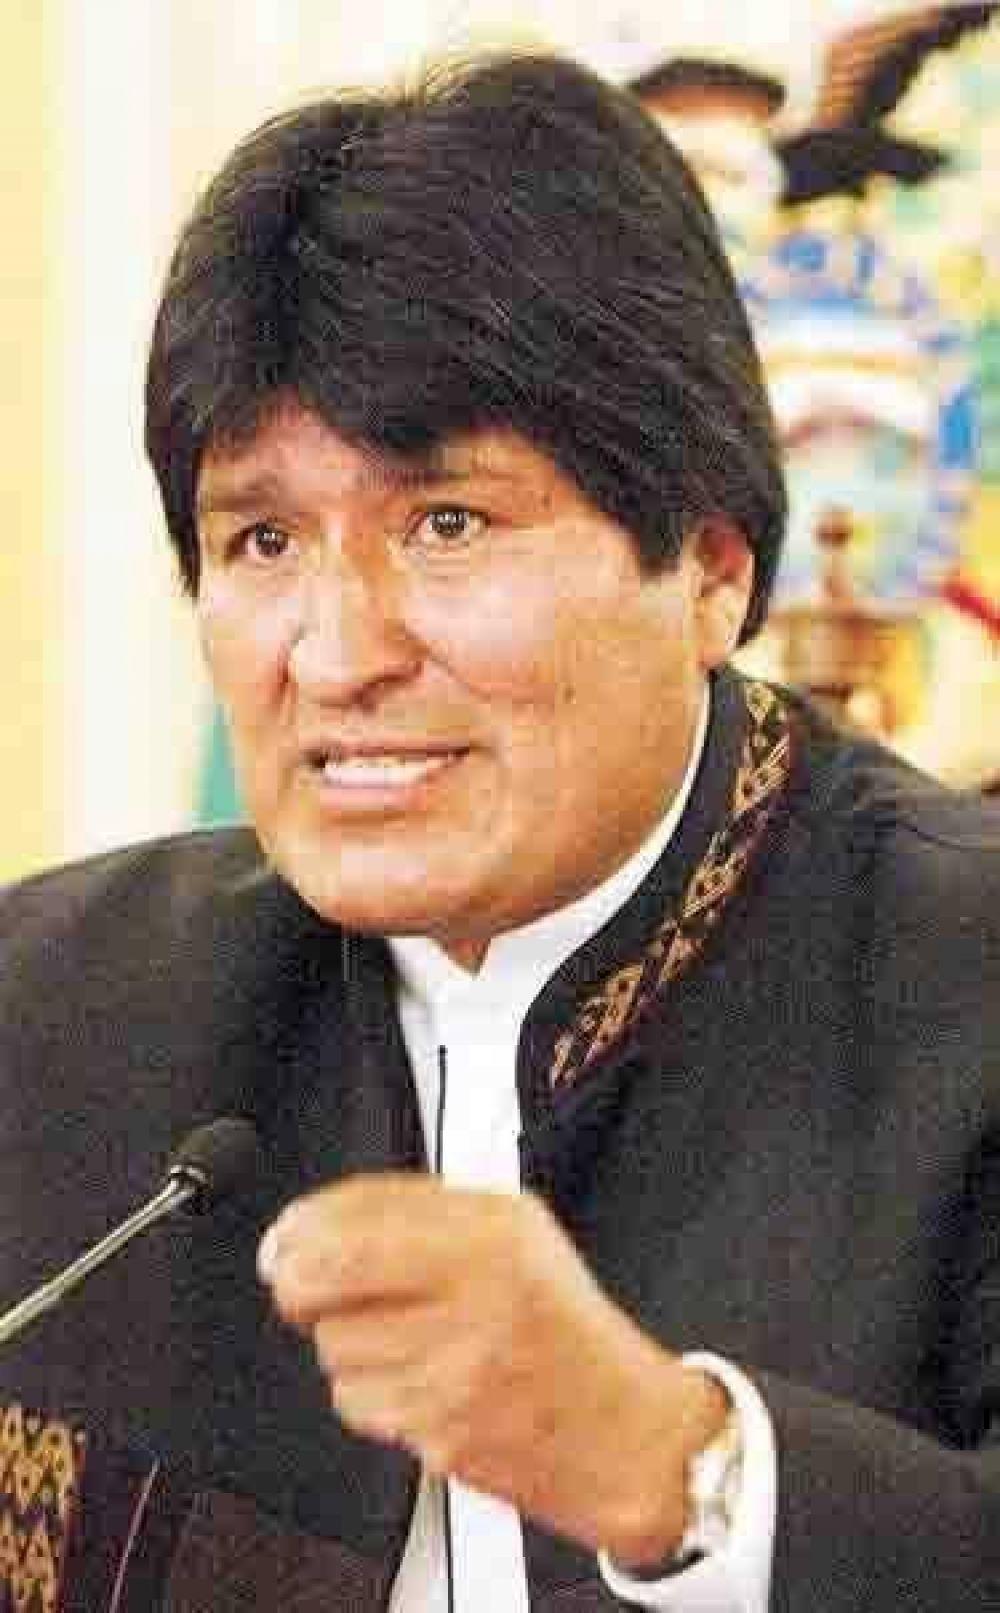 Líder terrorista muerto en Bolivia era admirador del Che.